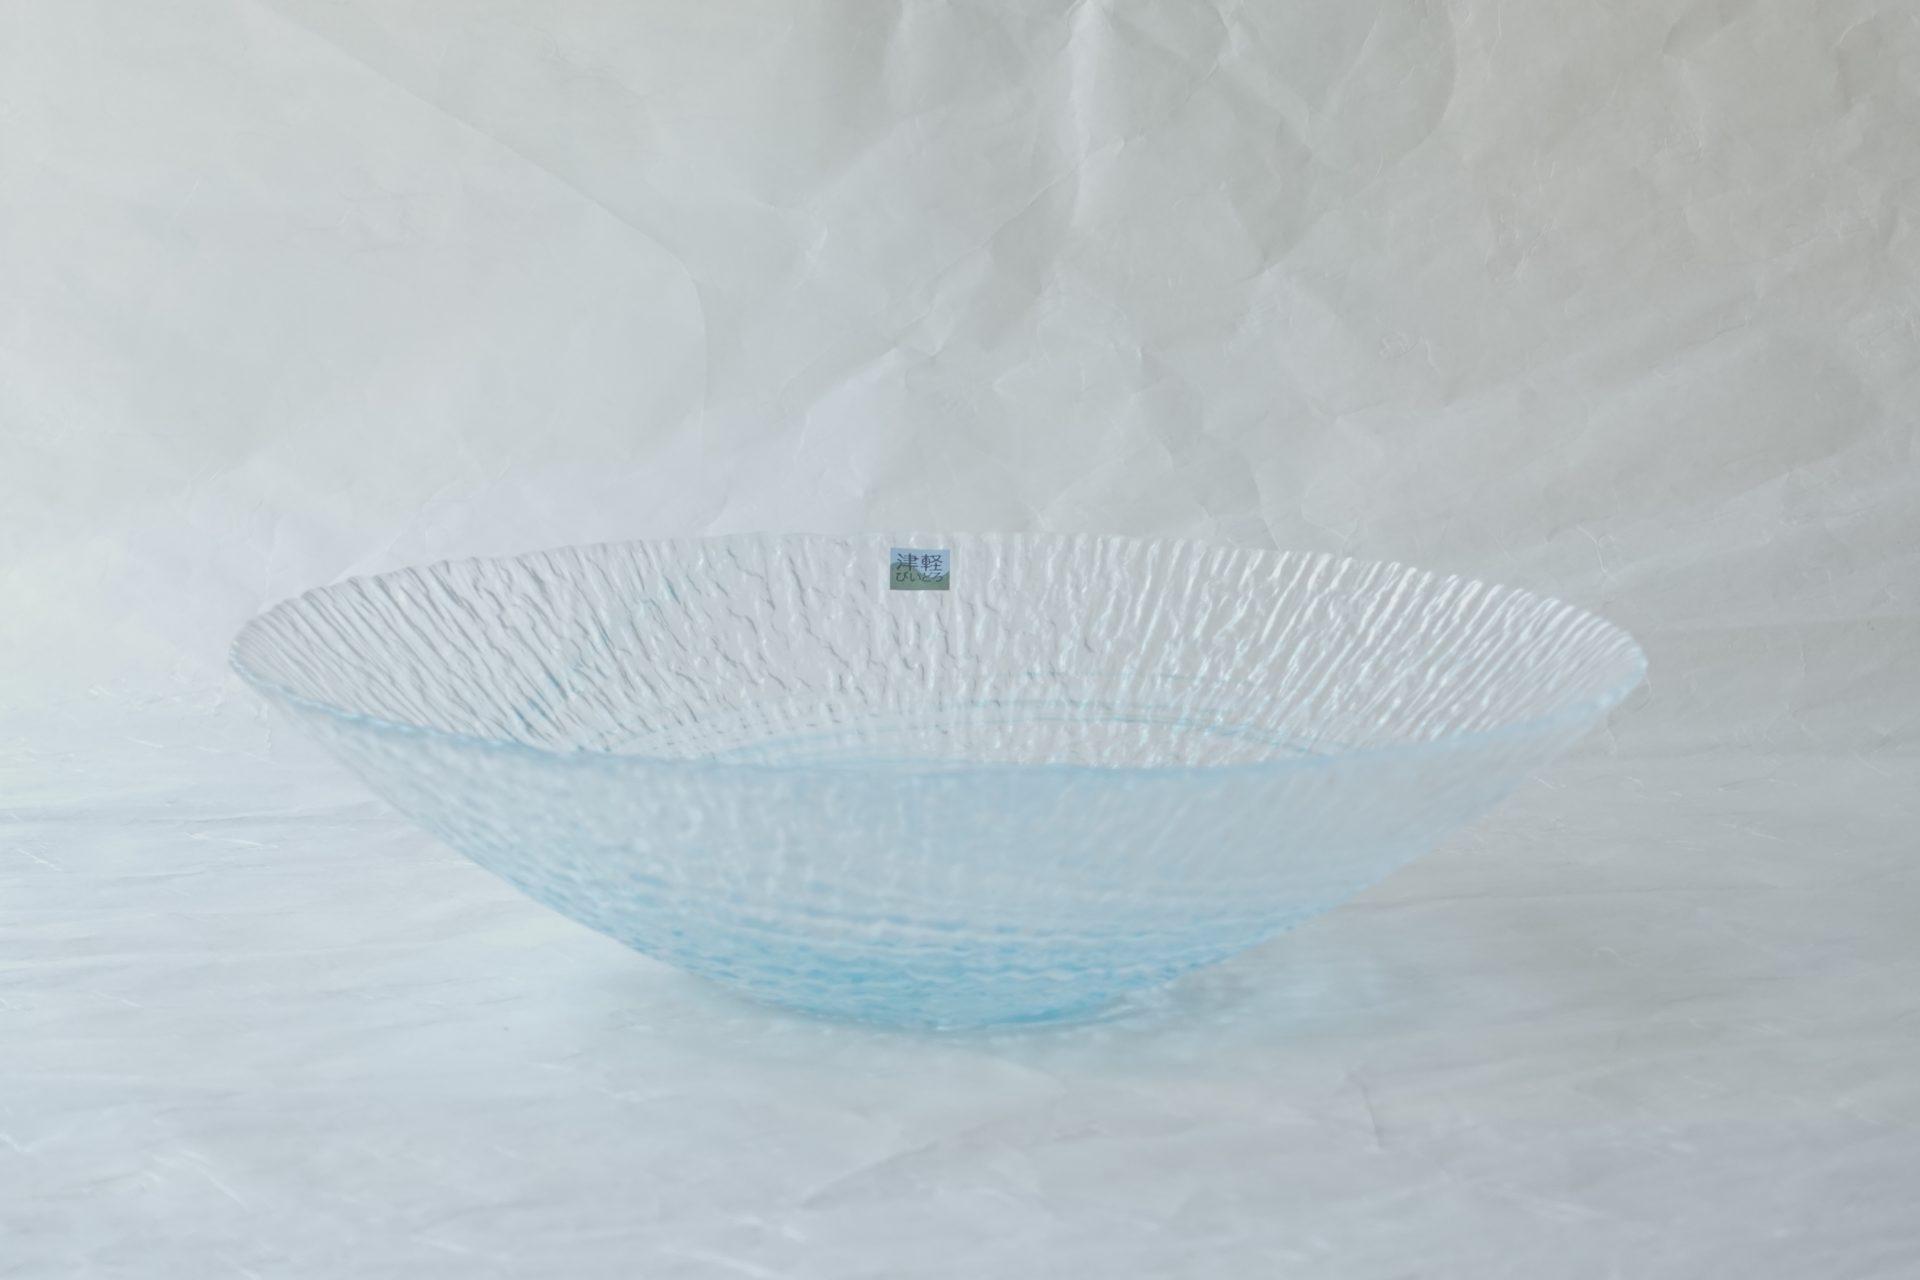 ガラス器 津軽びいどろ 水盤 花器 青森県 伝統工芸品 宙吹き 技法 ハンドメイド 世界に類を見ない 美しい色ガラス 繊細 職人 手仕事 氷を思わせる 凹凸 渦状 涼し気 さわやか 夏場 花を生ける メイドインジャパン